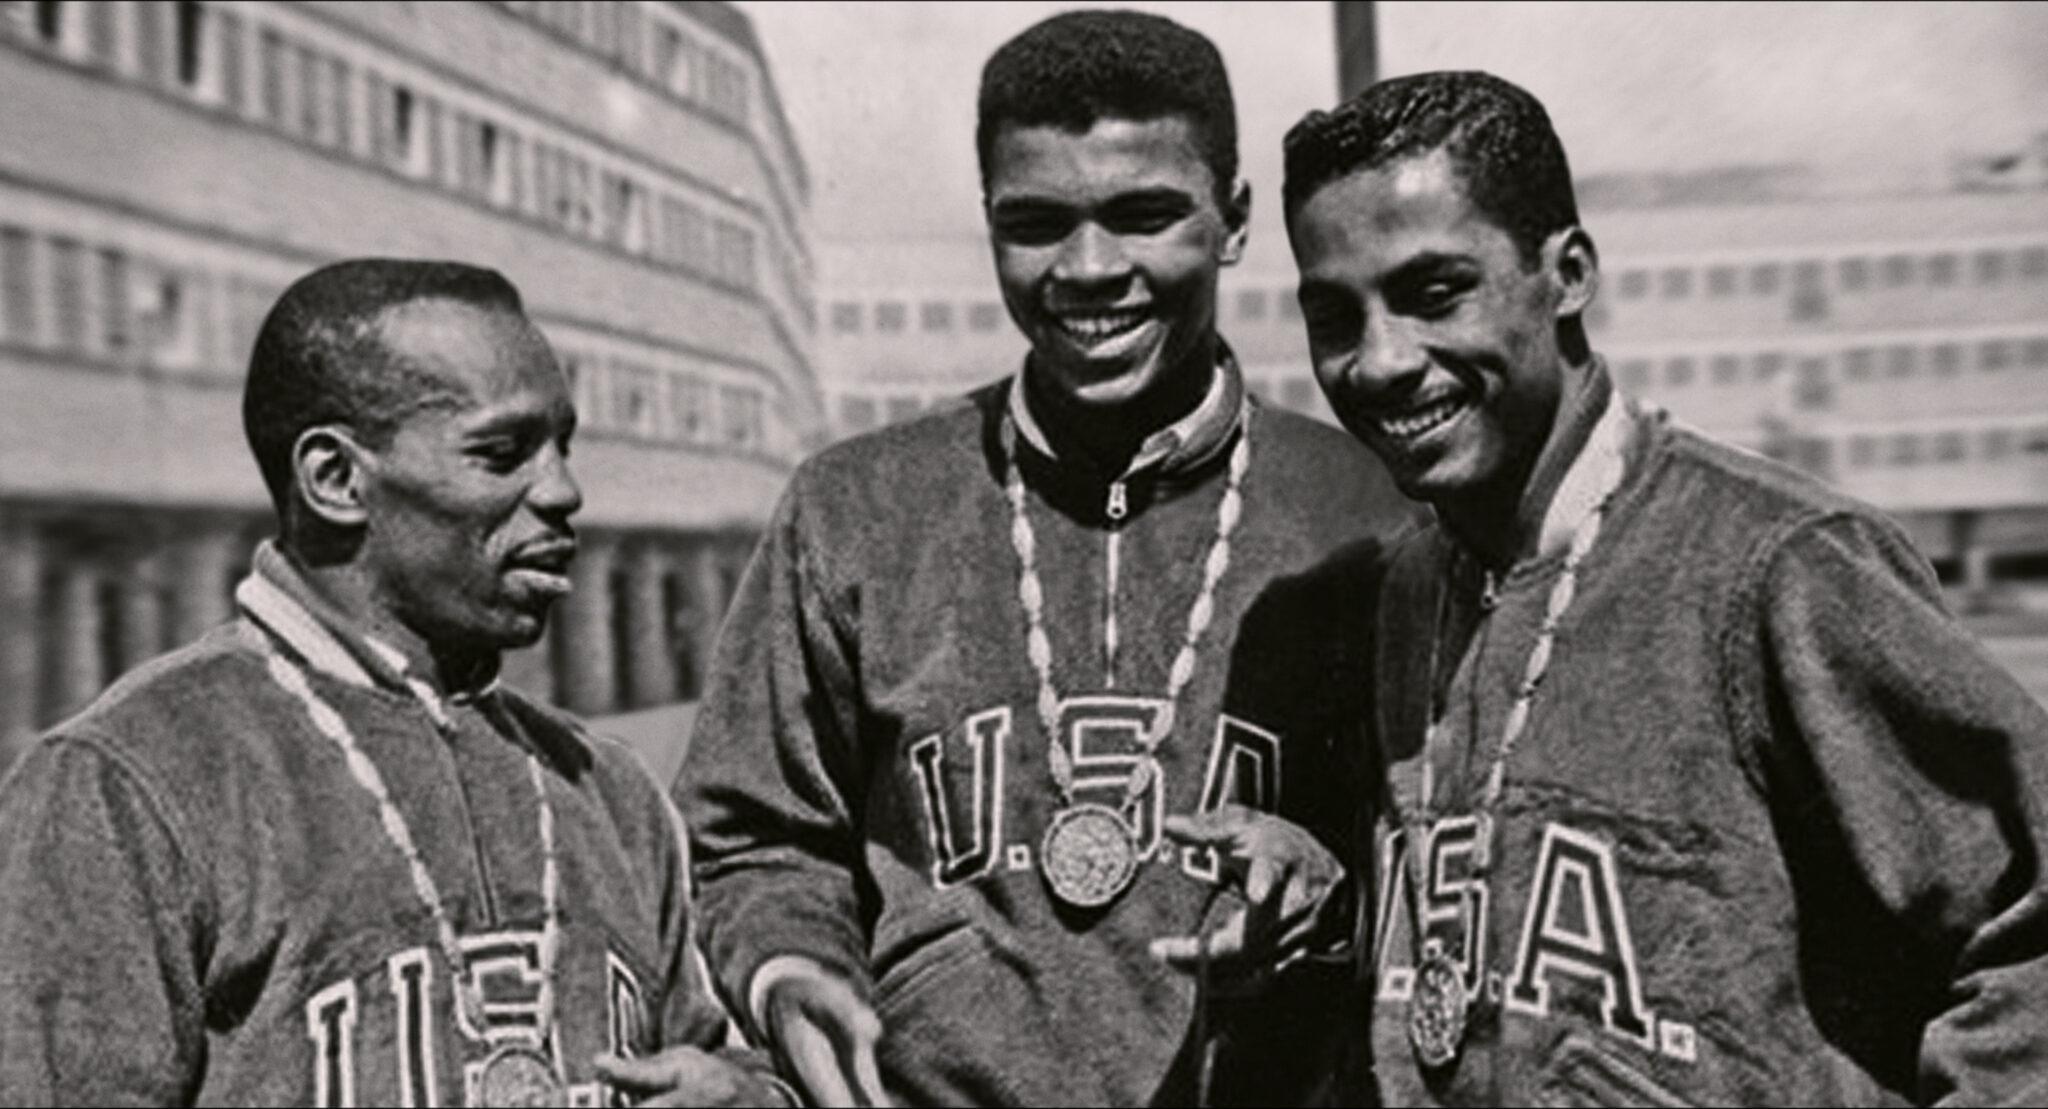 Eine Schwarzweißaufnahme mit Muhammad Ali in der Mitte zwischen zwei weiteren Afroamerikanern. Alle haben Nationaltrikots an und Medaillen um den Hals